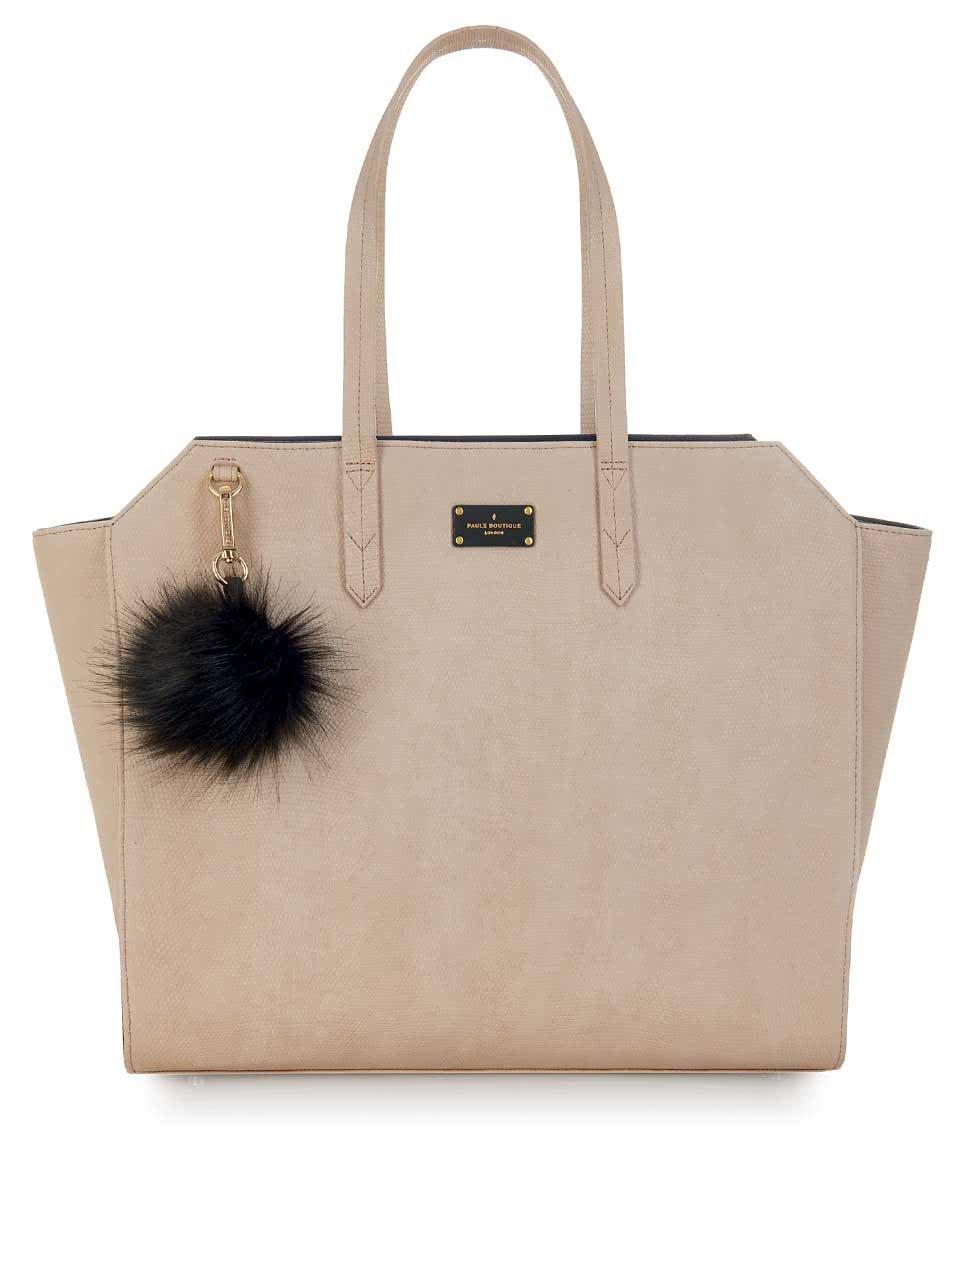 Béžová kabelka Paul's Boutique Ally